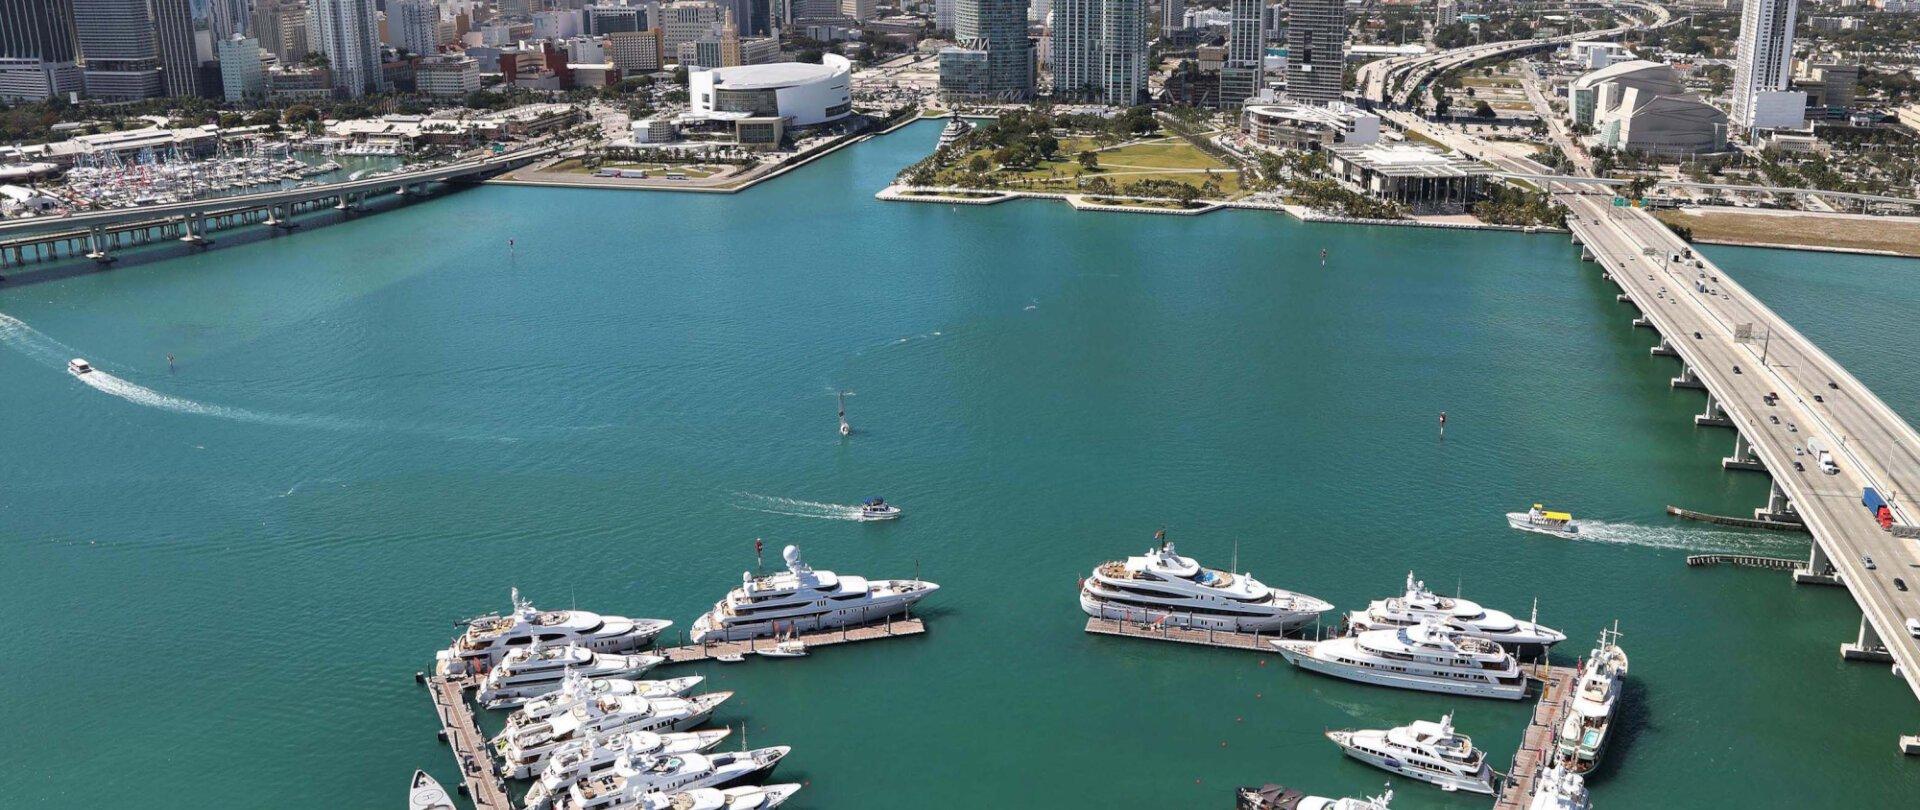 Miami Yacht Show 2019 photo 2